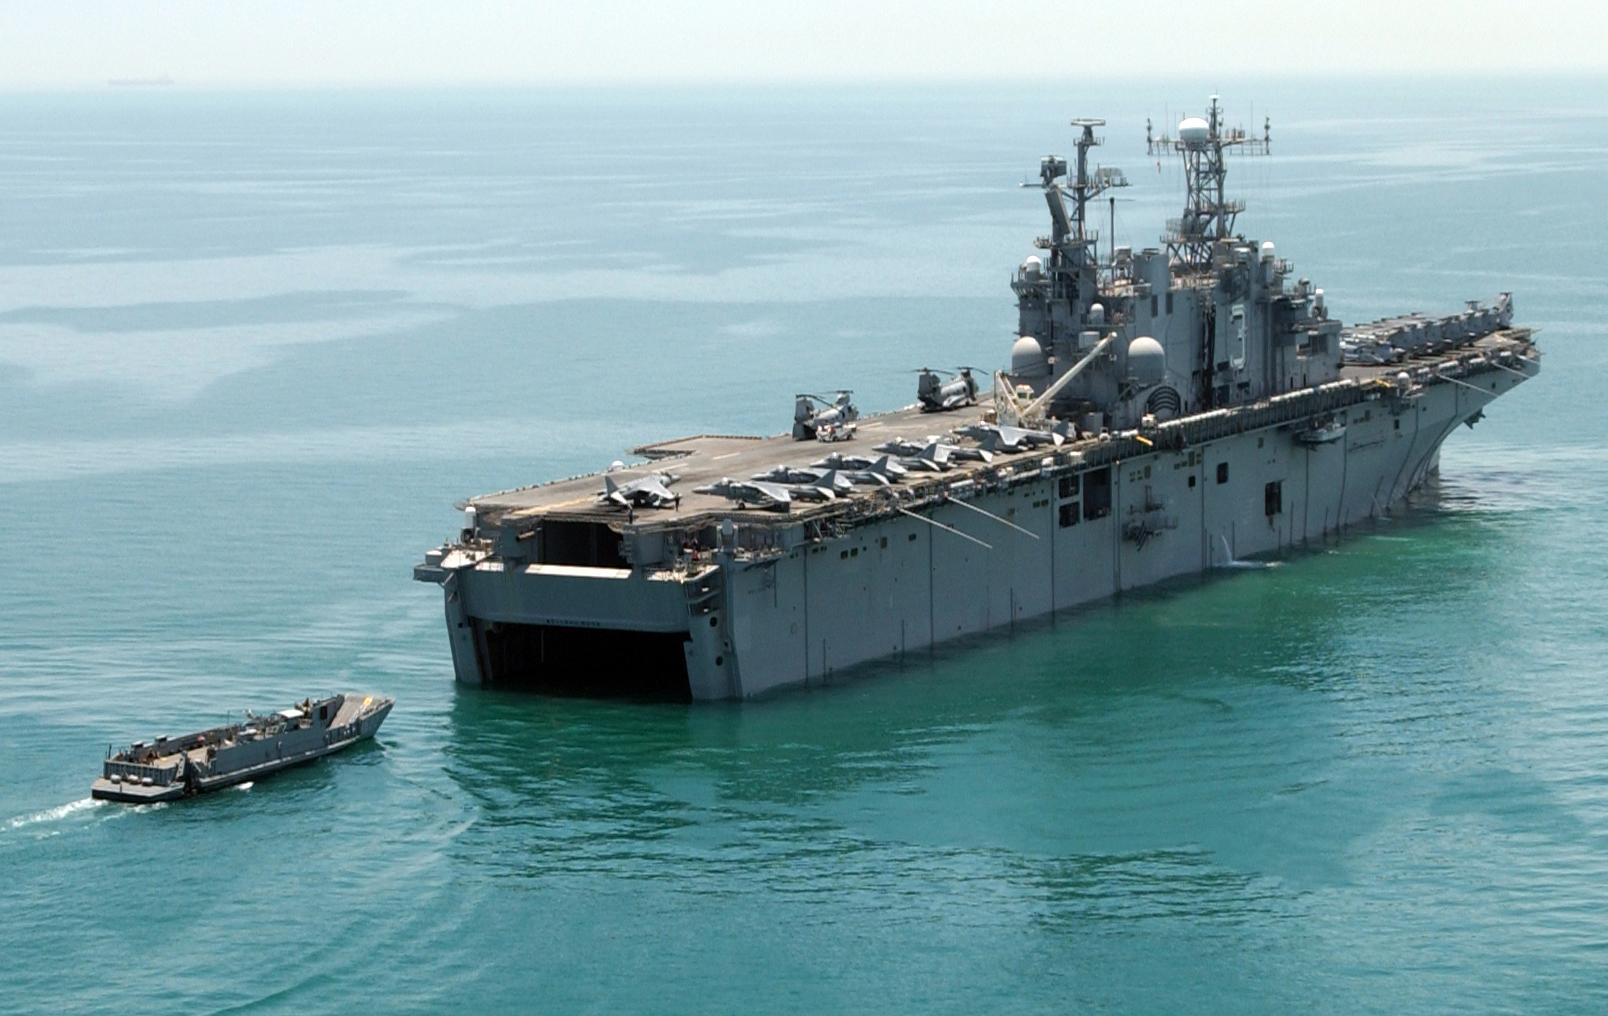 Amphibious_assault_ship_USS_Belleau_Wood_(July_7_2004).jpg